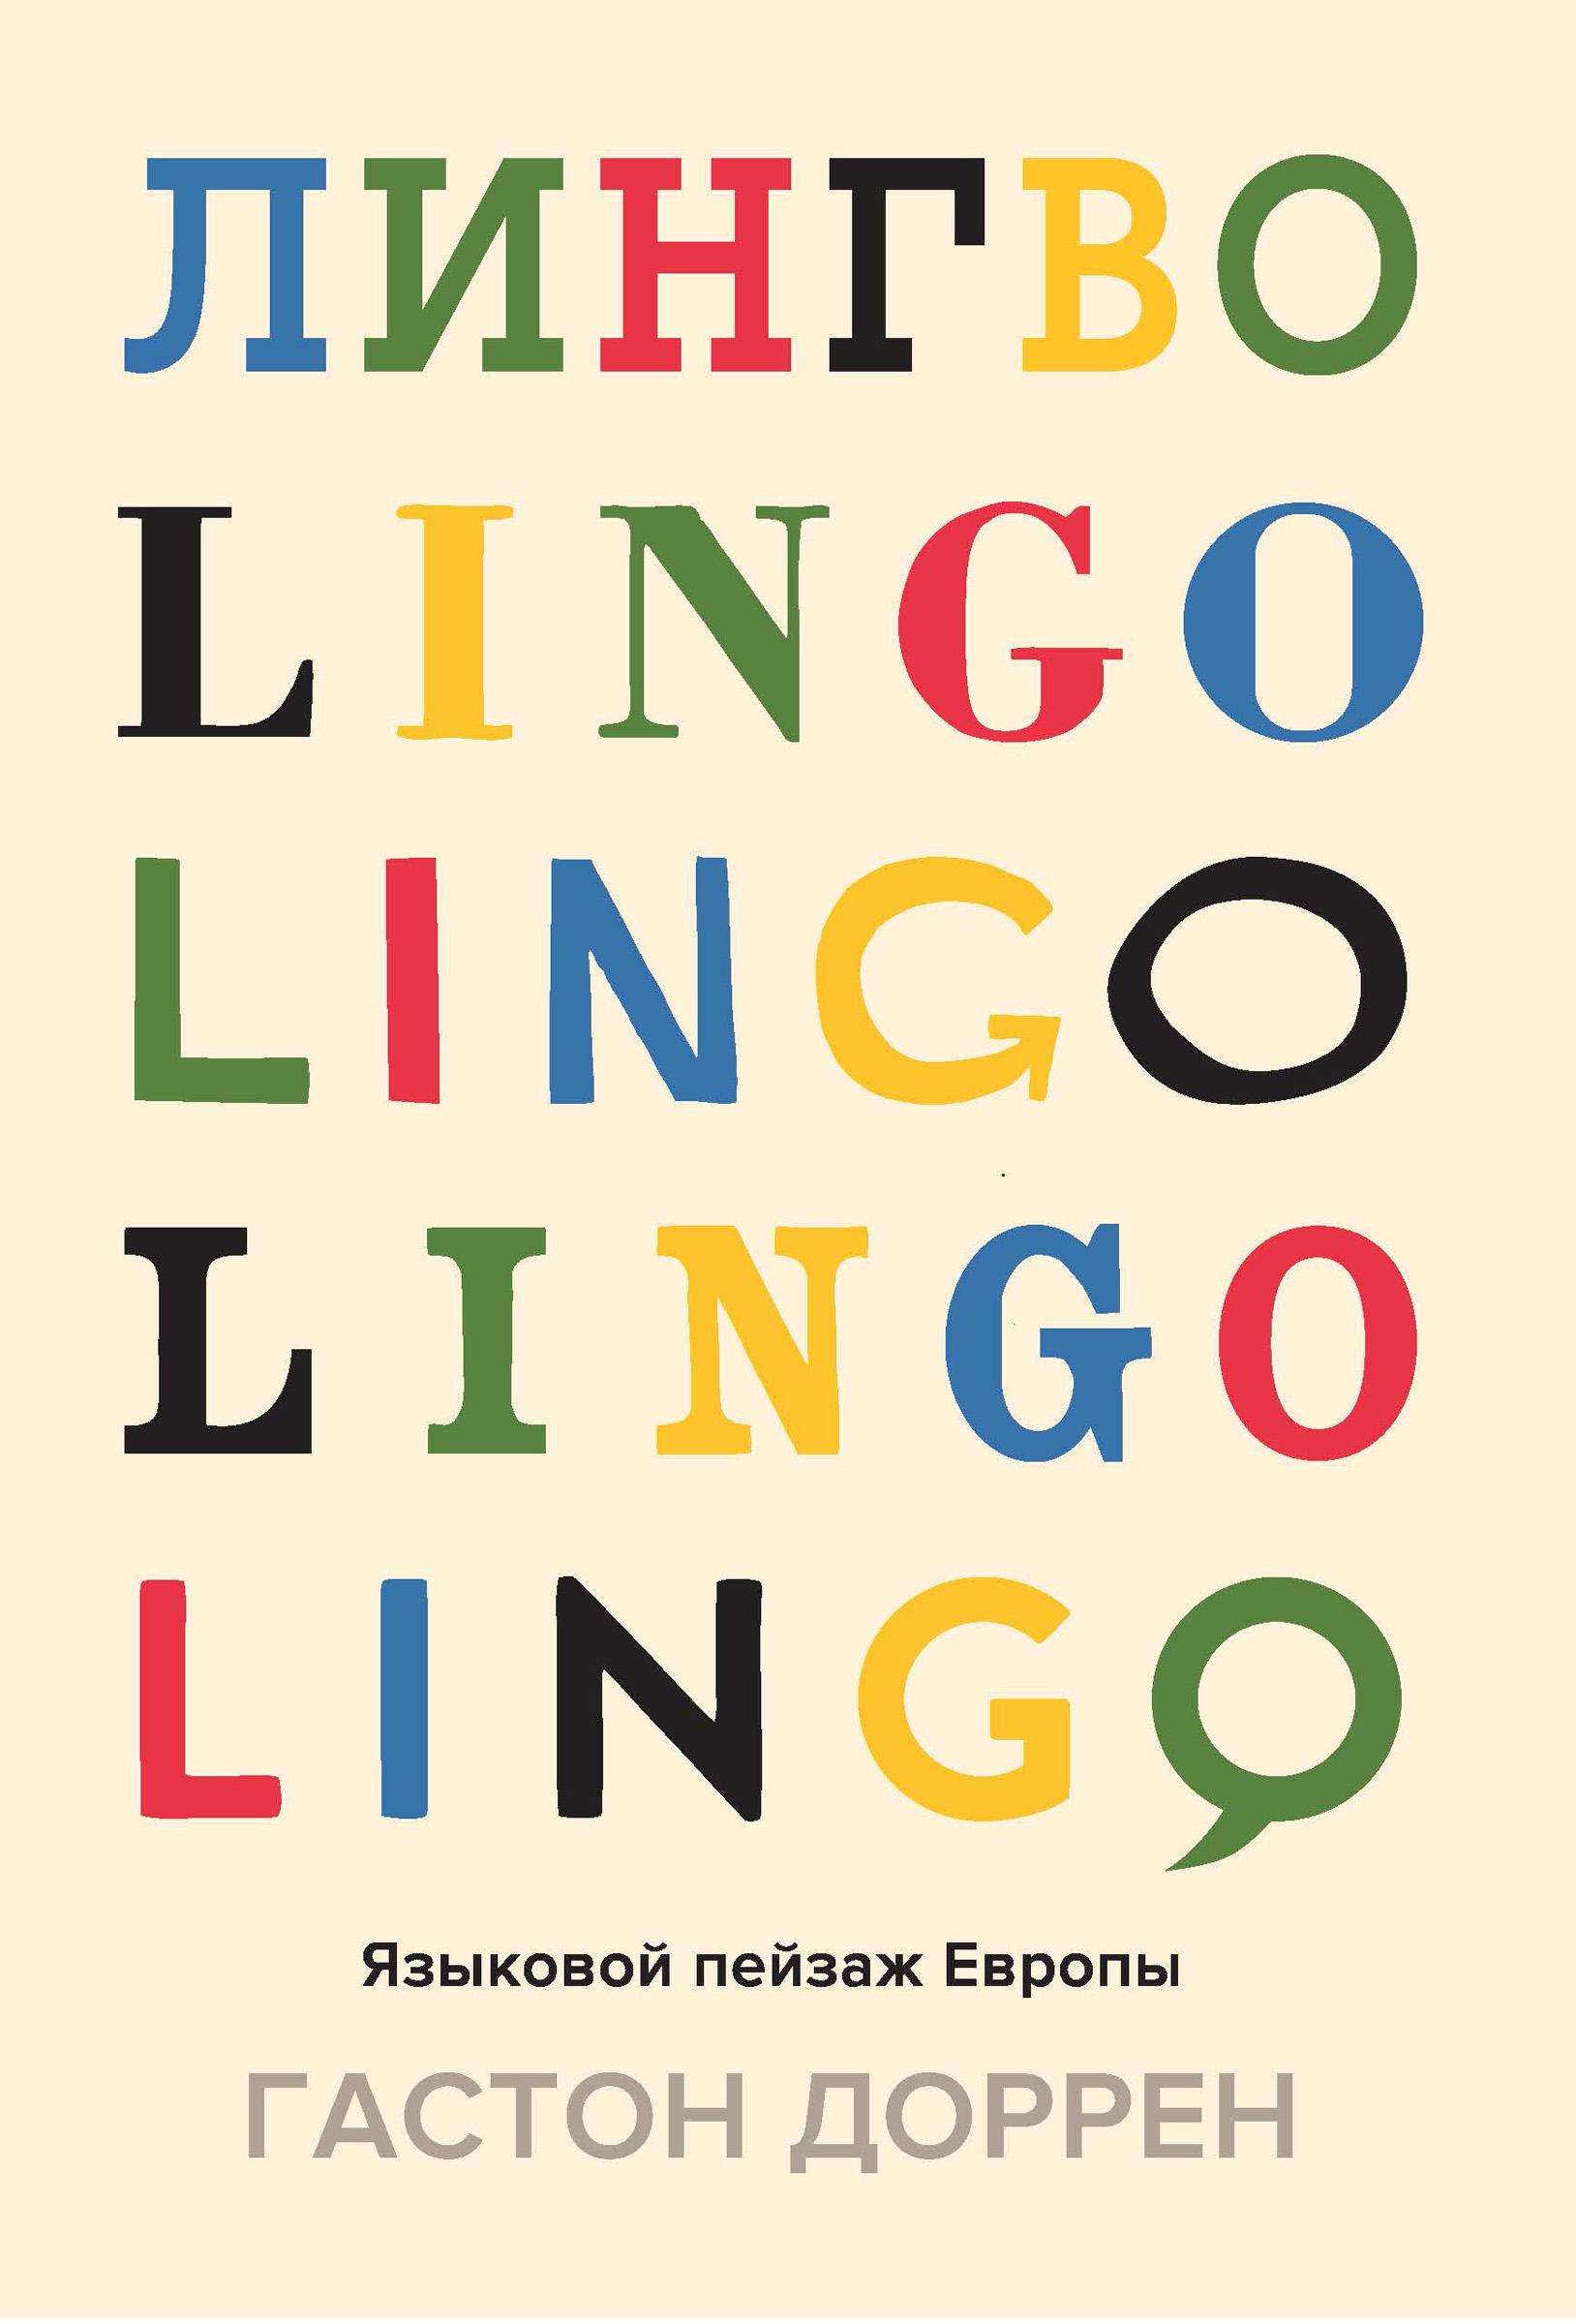 Лингво: языковой пейзаж Европы